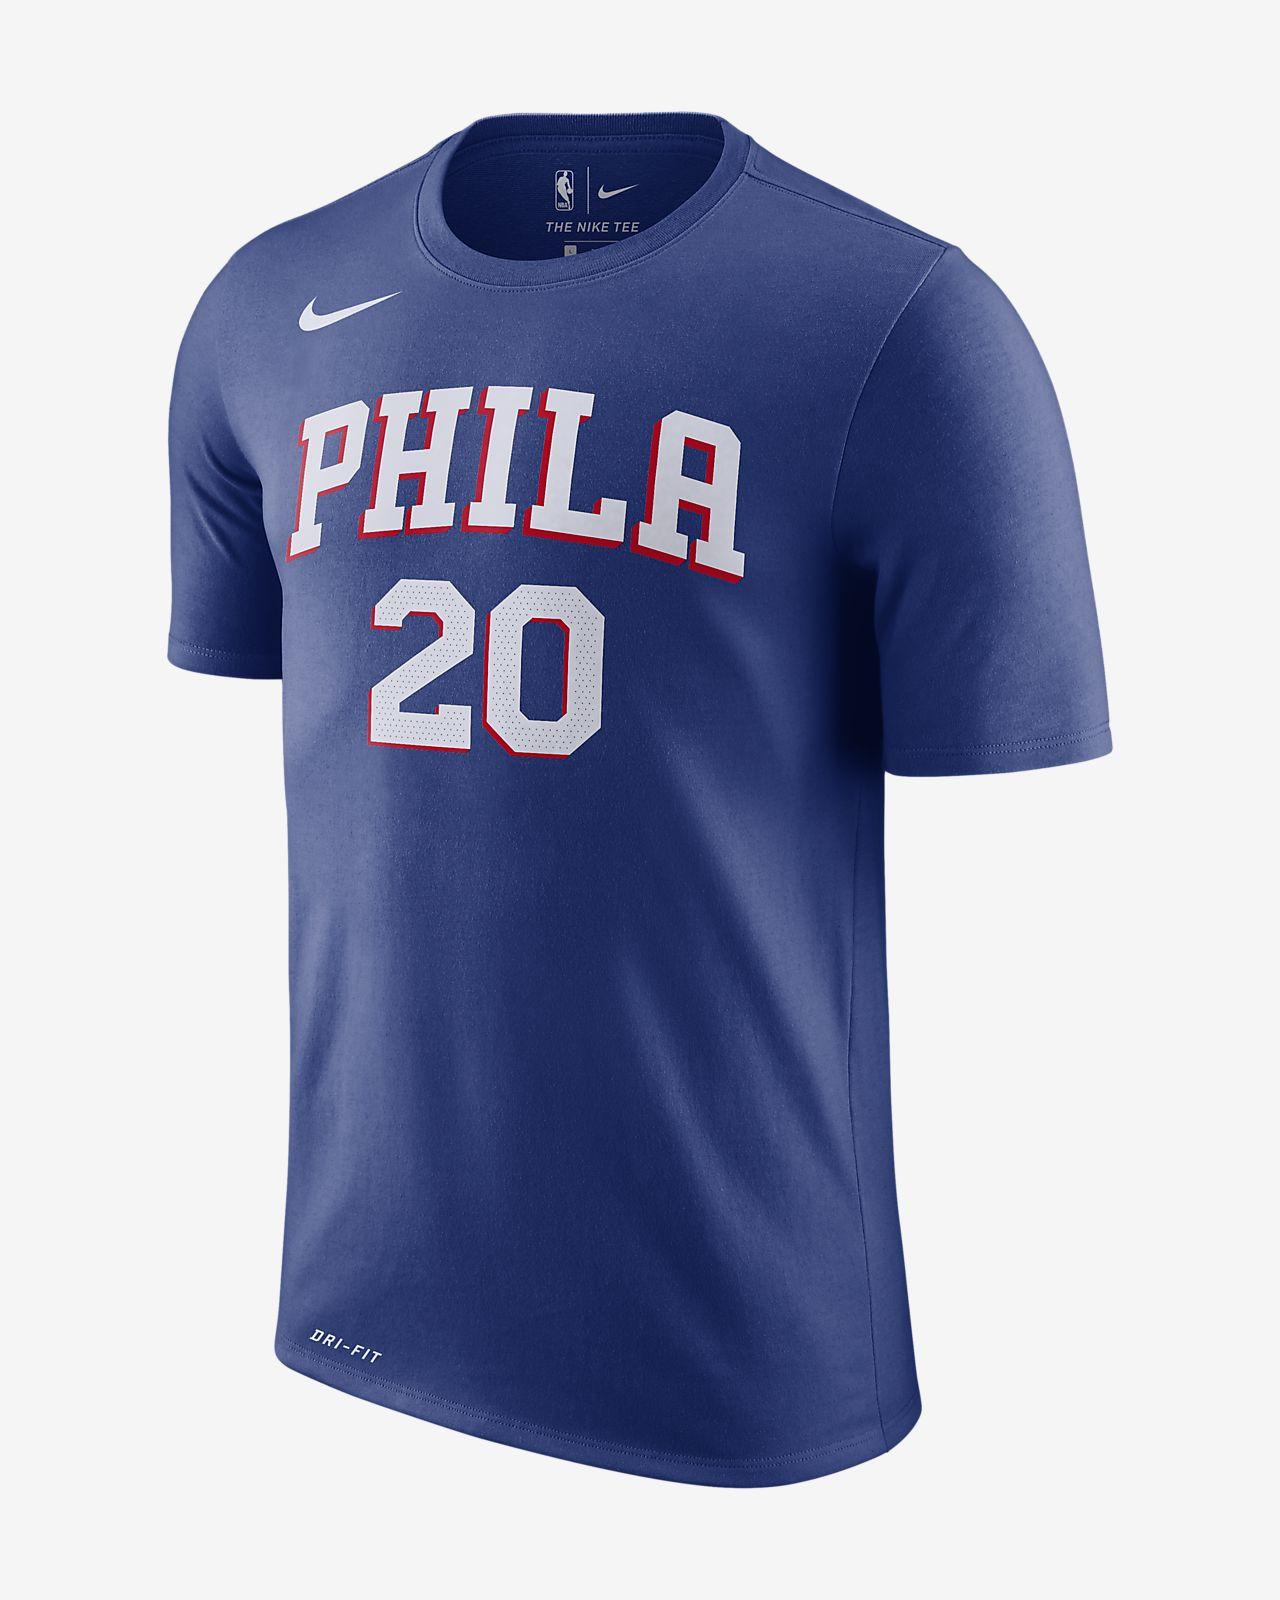 8f10ced89 Markelle Fultz Philadelphia 76ers Nike Dri-FIT Men s NBA T-Shirt ...